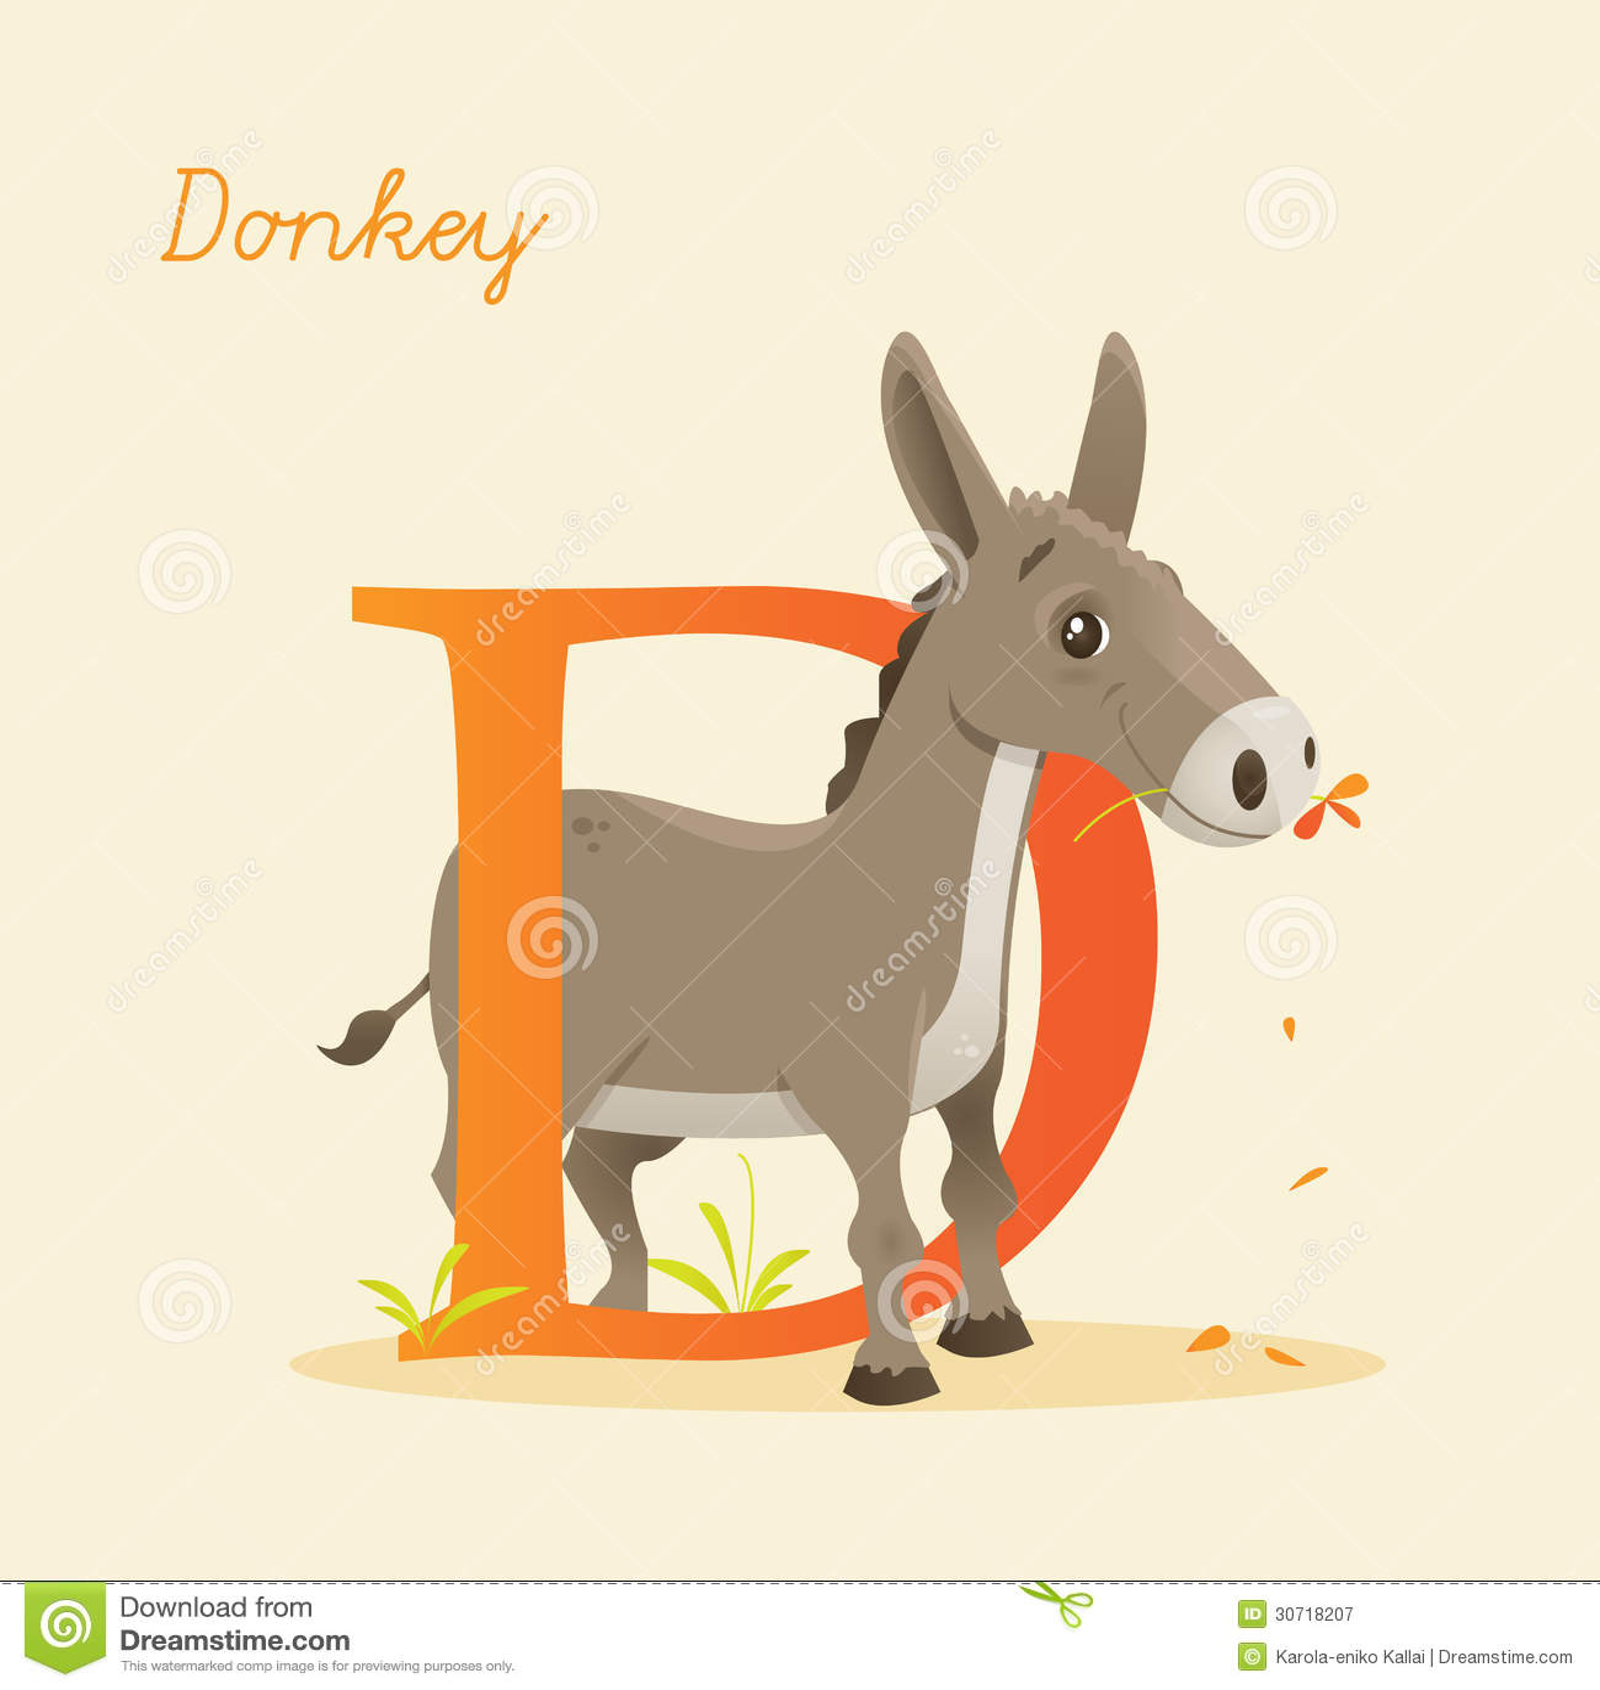 Animal Alphabet With Donkey Royalty Free Stock Photography Image 30718207